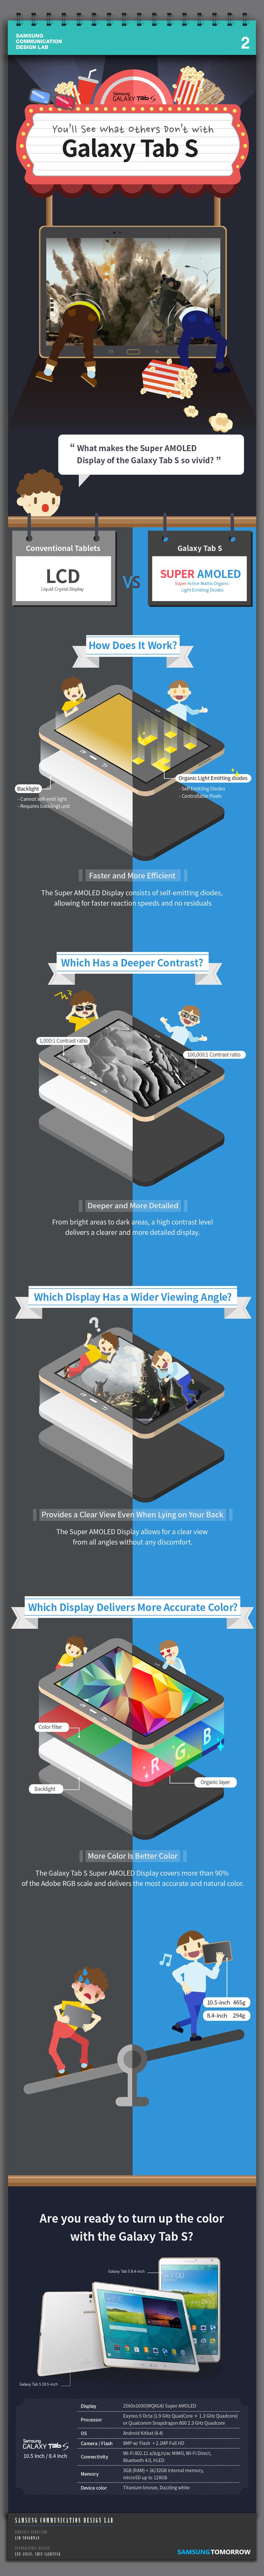 Tecnología LCD vs tecnología Super AMOLED